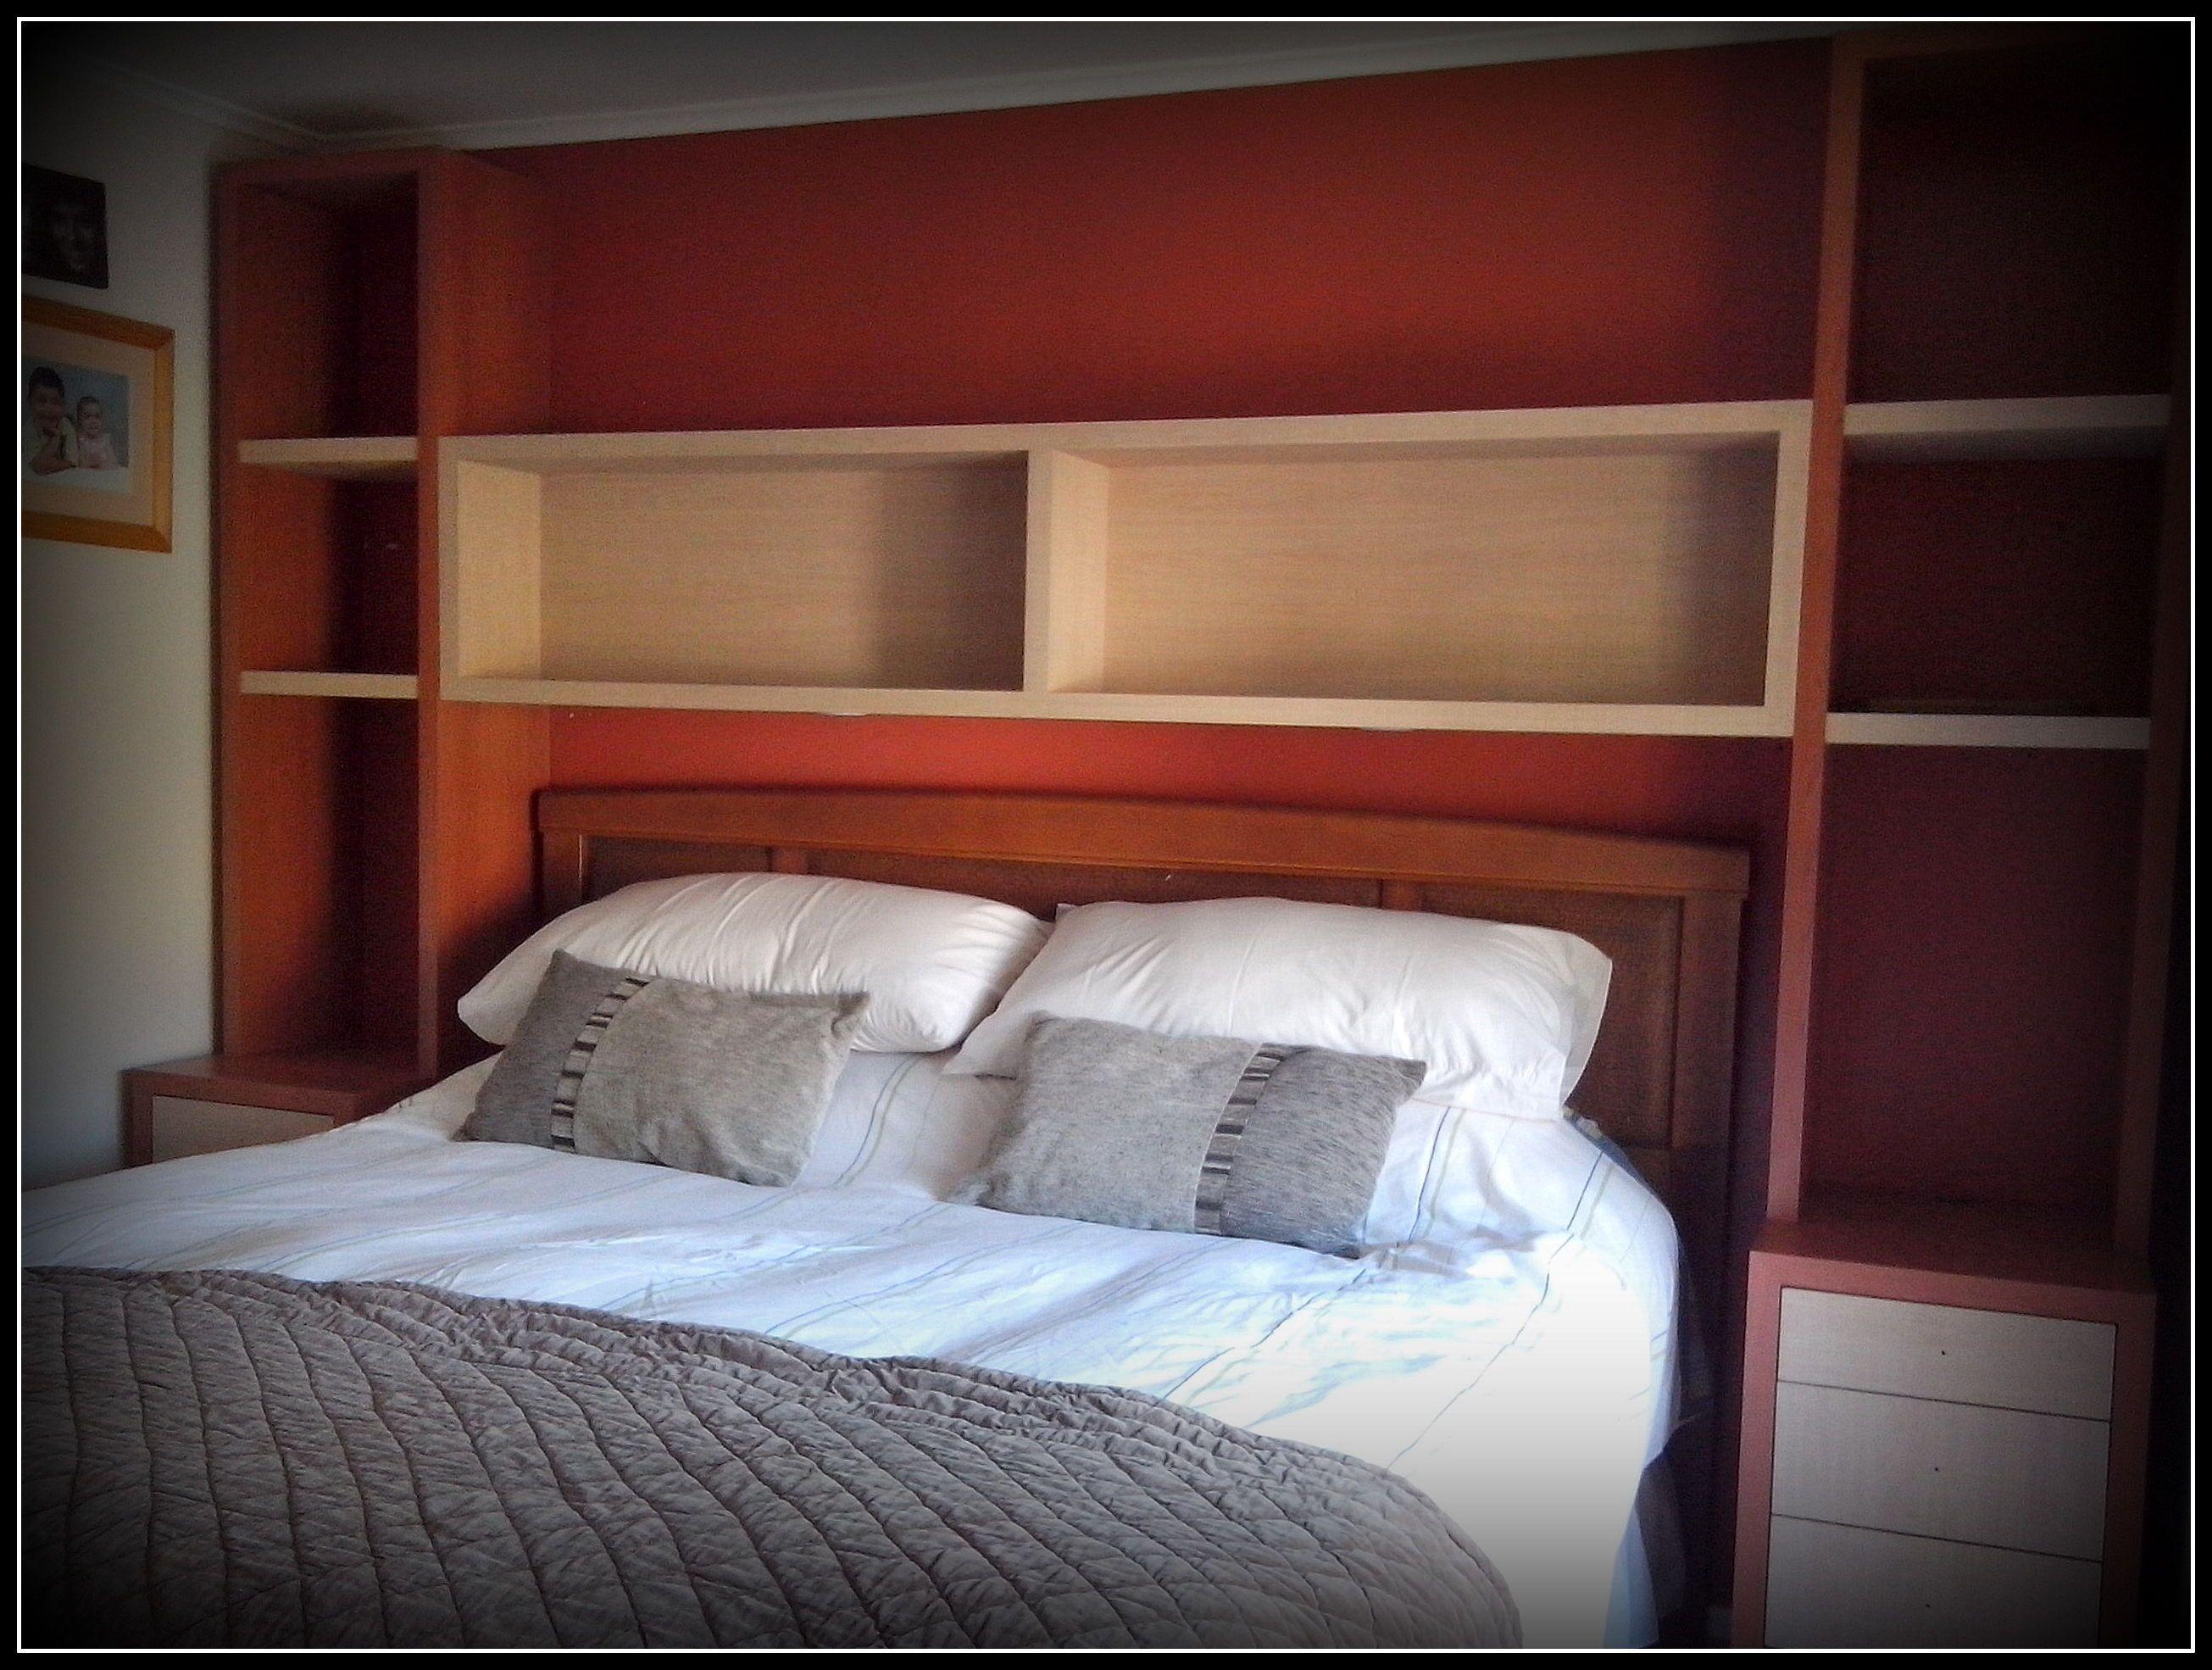 Dise o de cabecera y veladores para cama en dormitorio - Cabeceras para cama ...